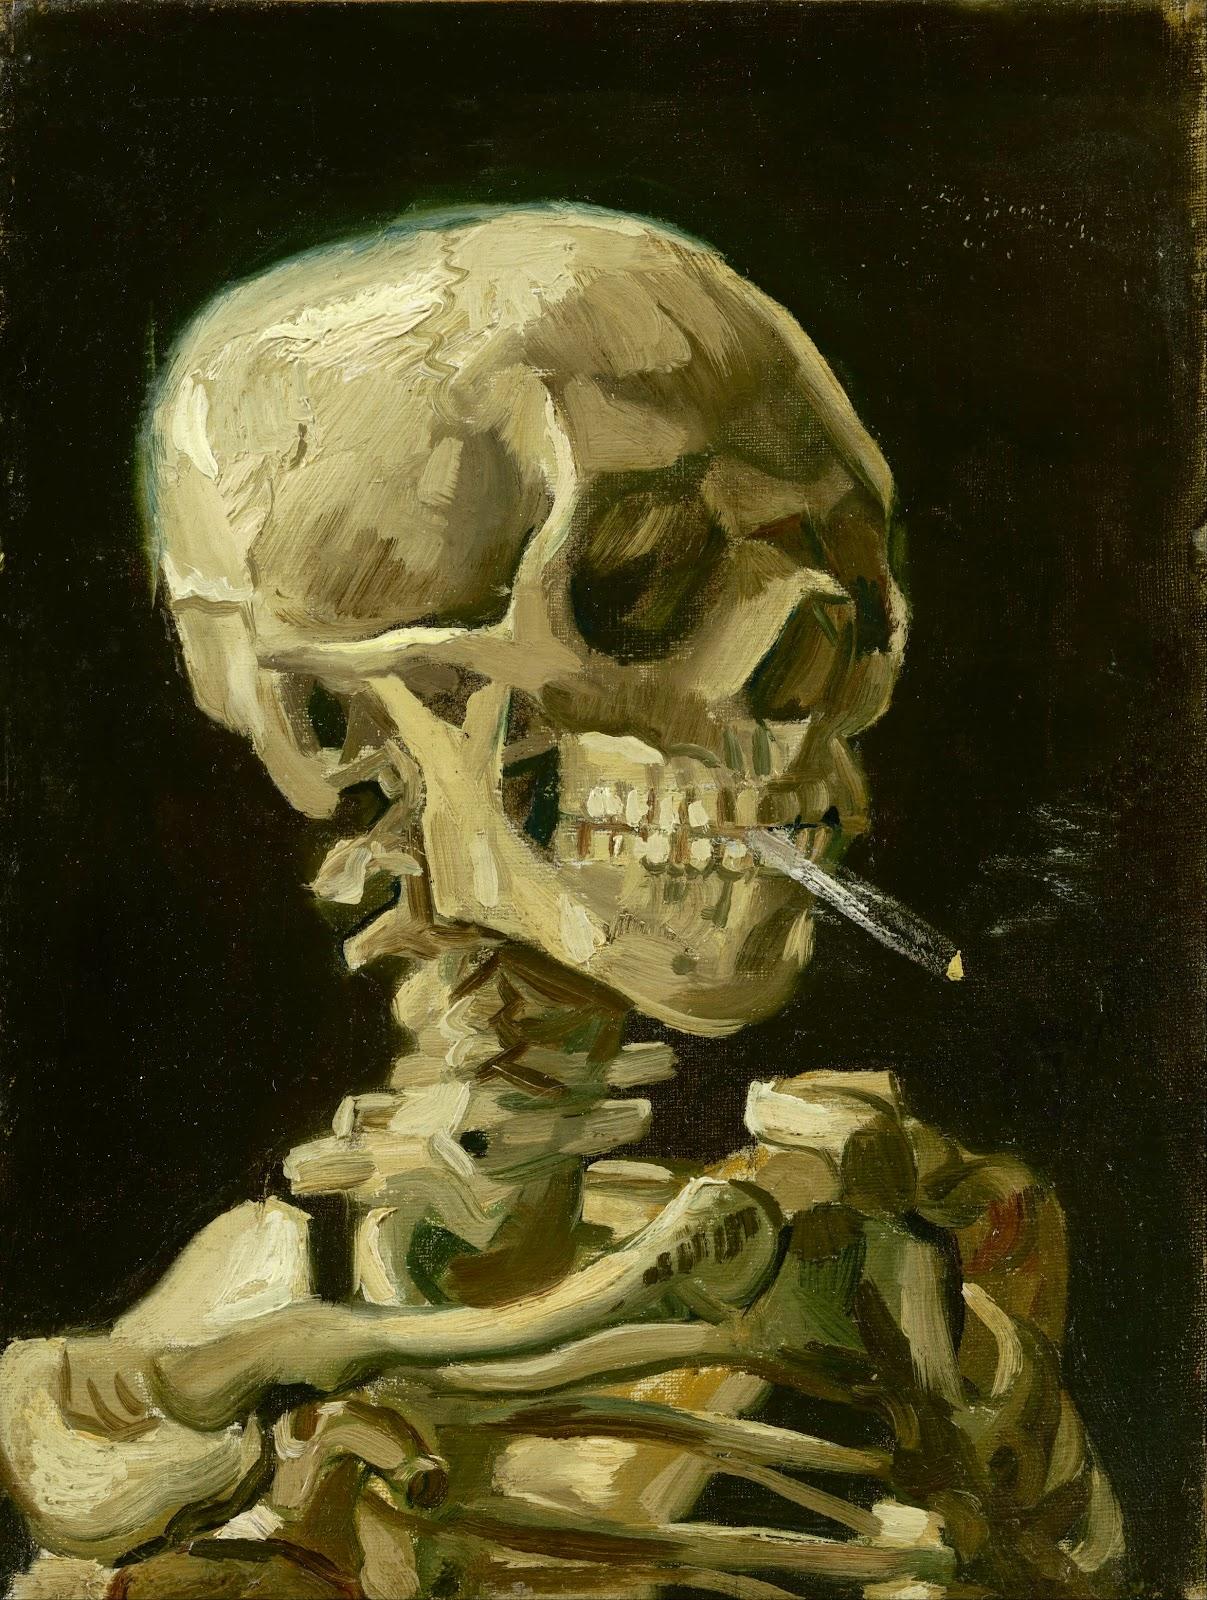 Kop van een skelet met brandende sigaret (Vincent van Gogh, 1885-86)